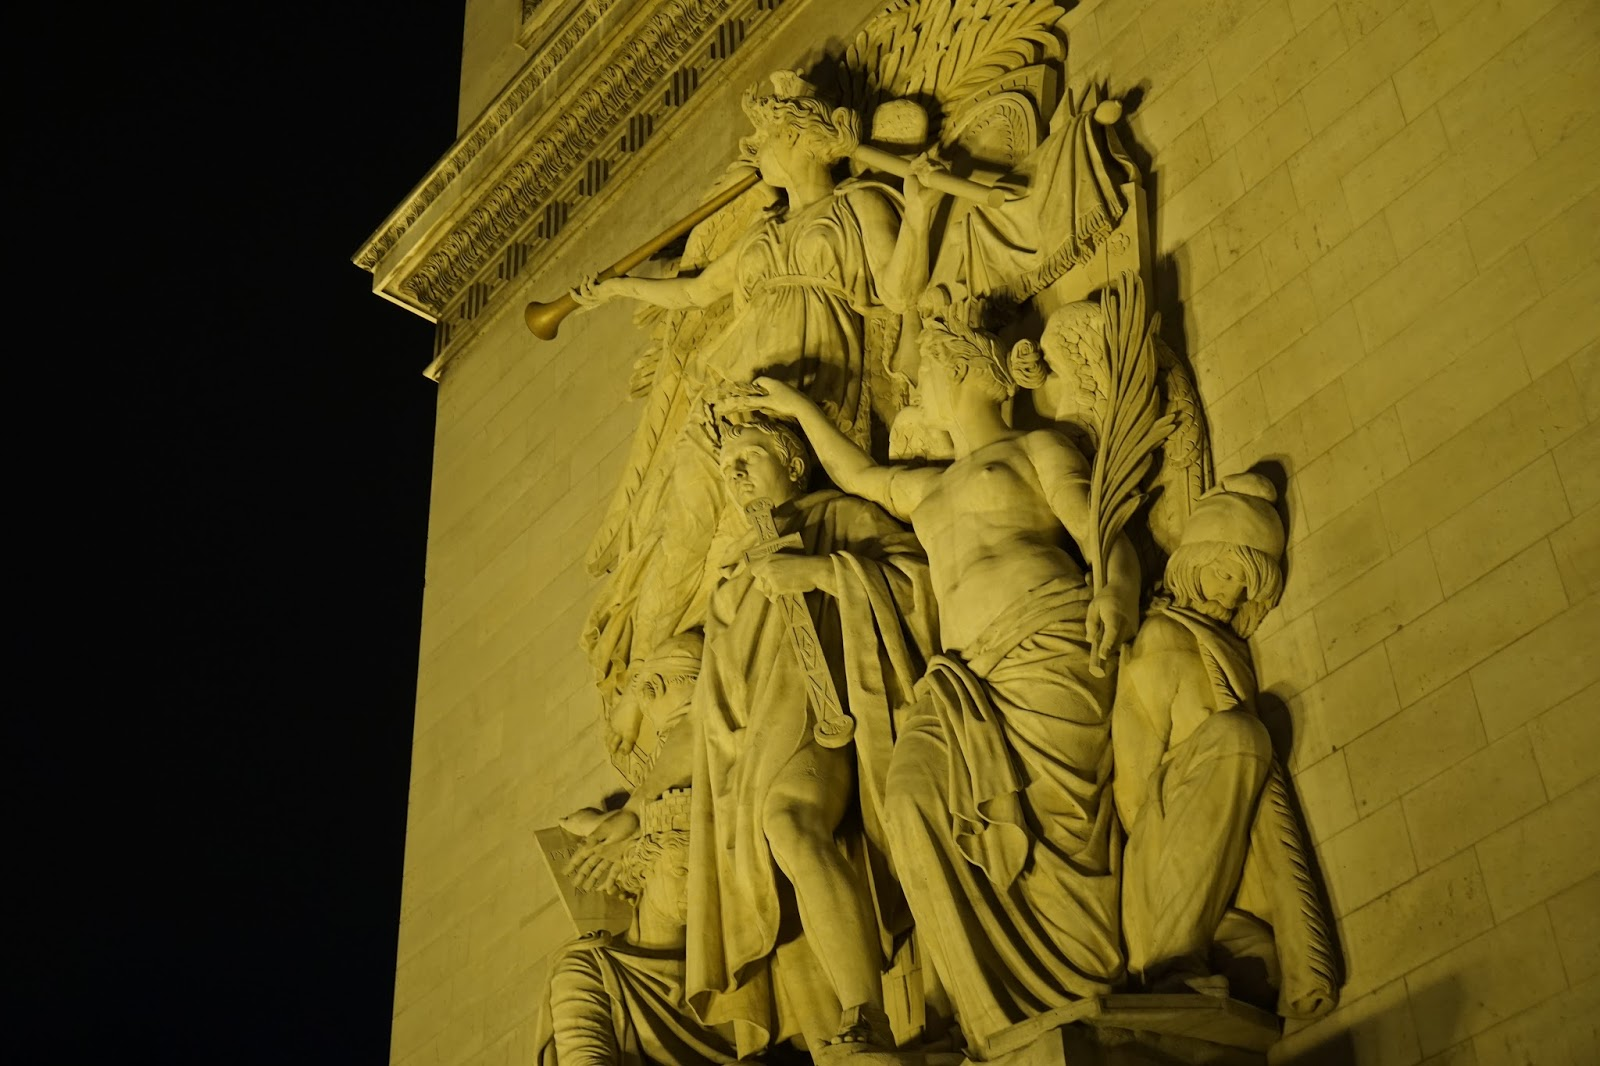 エトワールの凱旋門(Arc de triomphe de l'Étoile) 『1810年勝利』(Le Triomphe, 1810.)